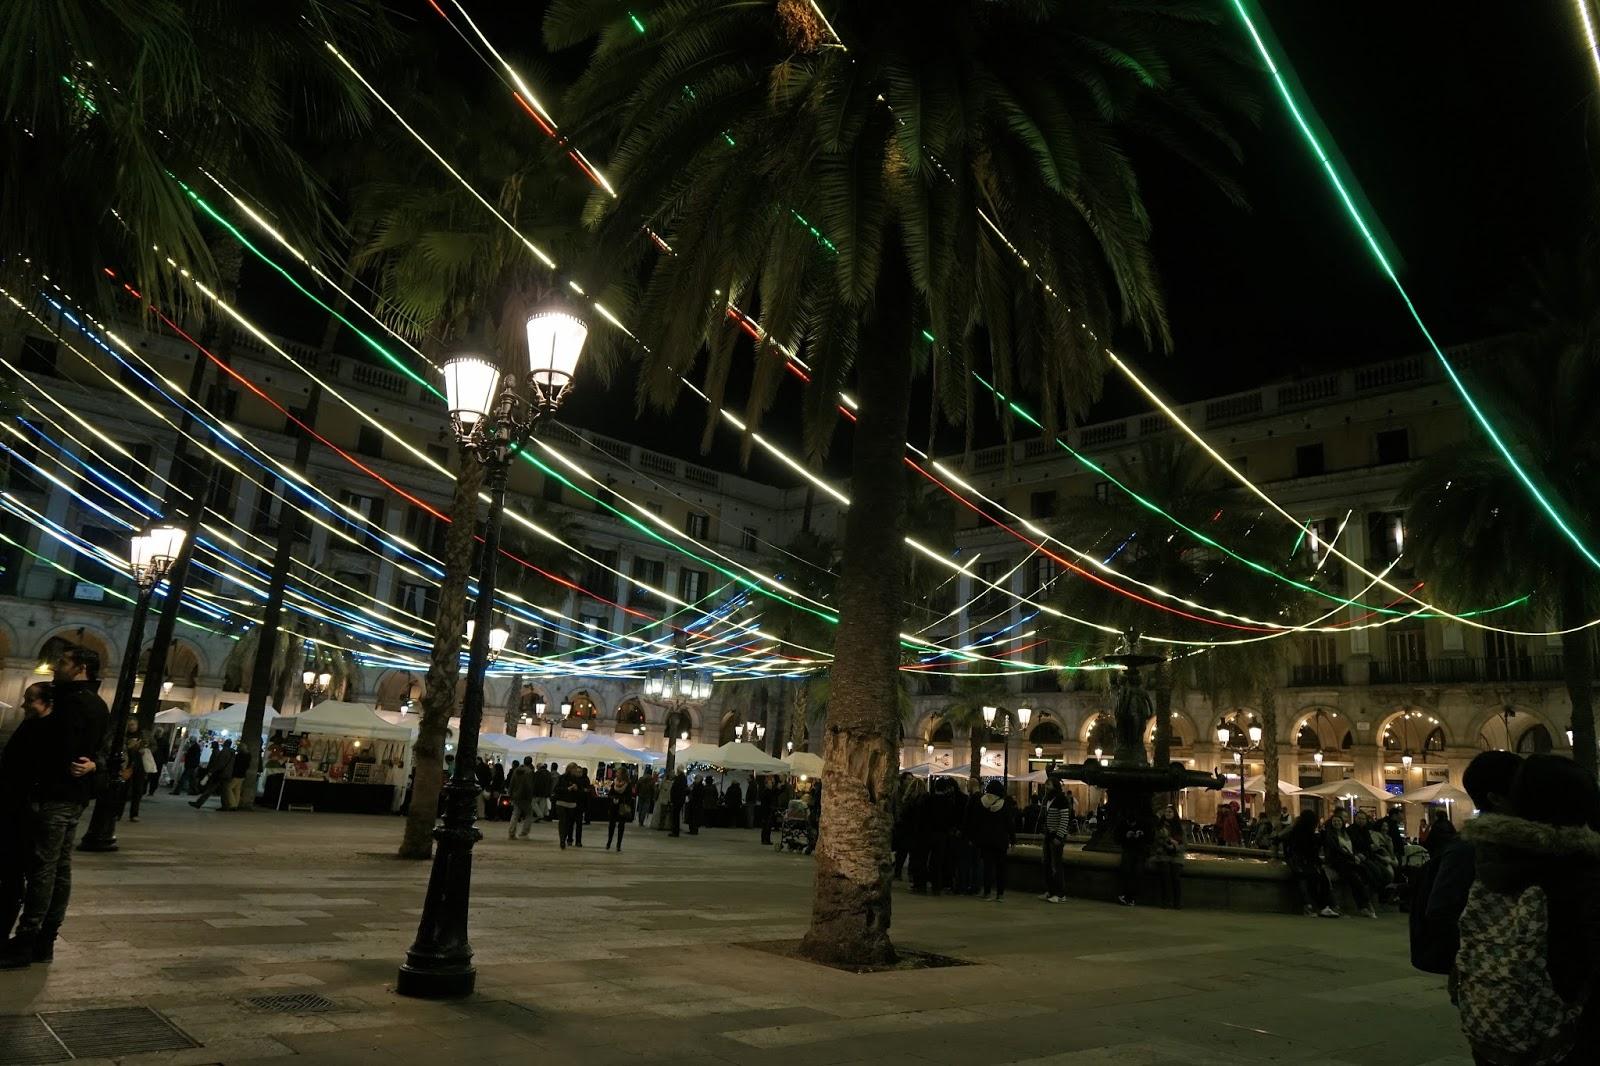 レイアール広場(Plaça Reial)